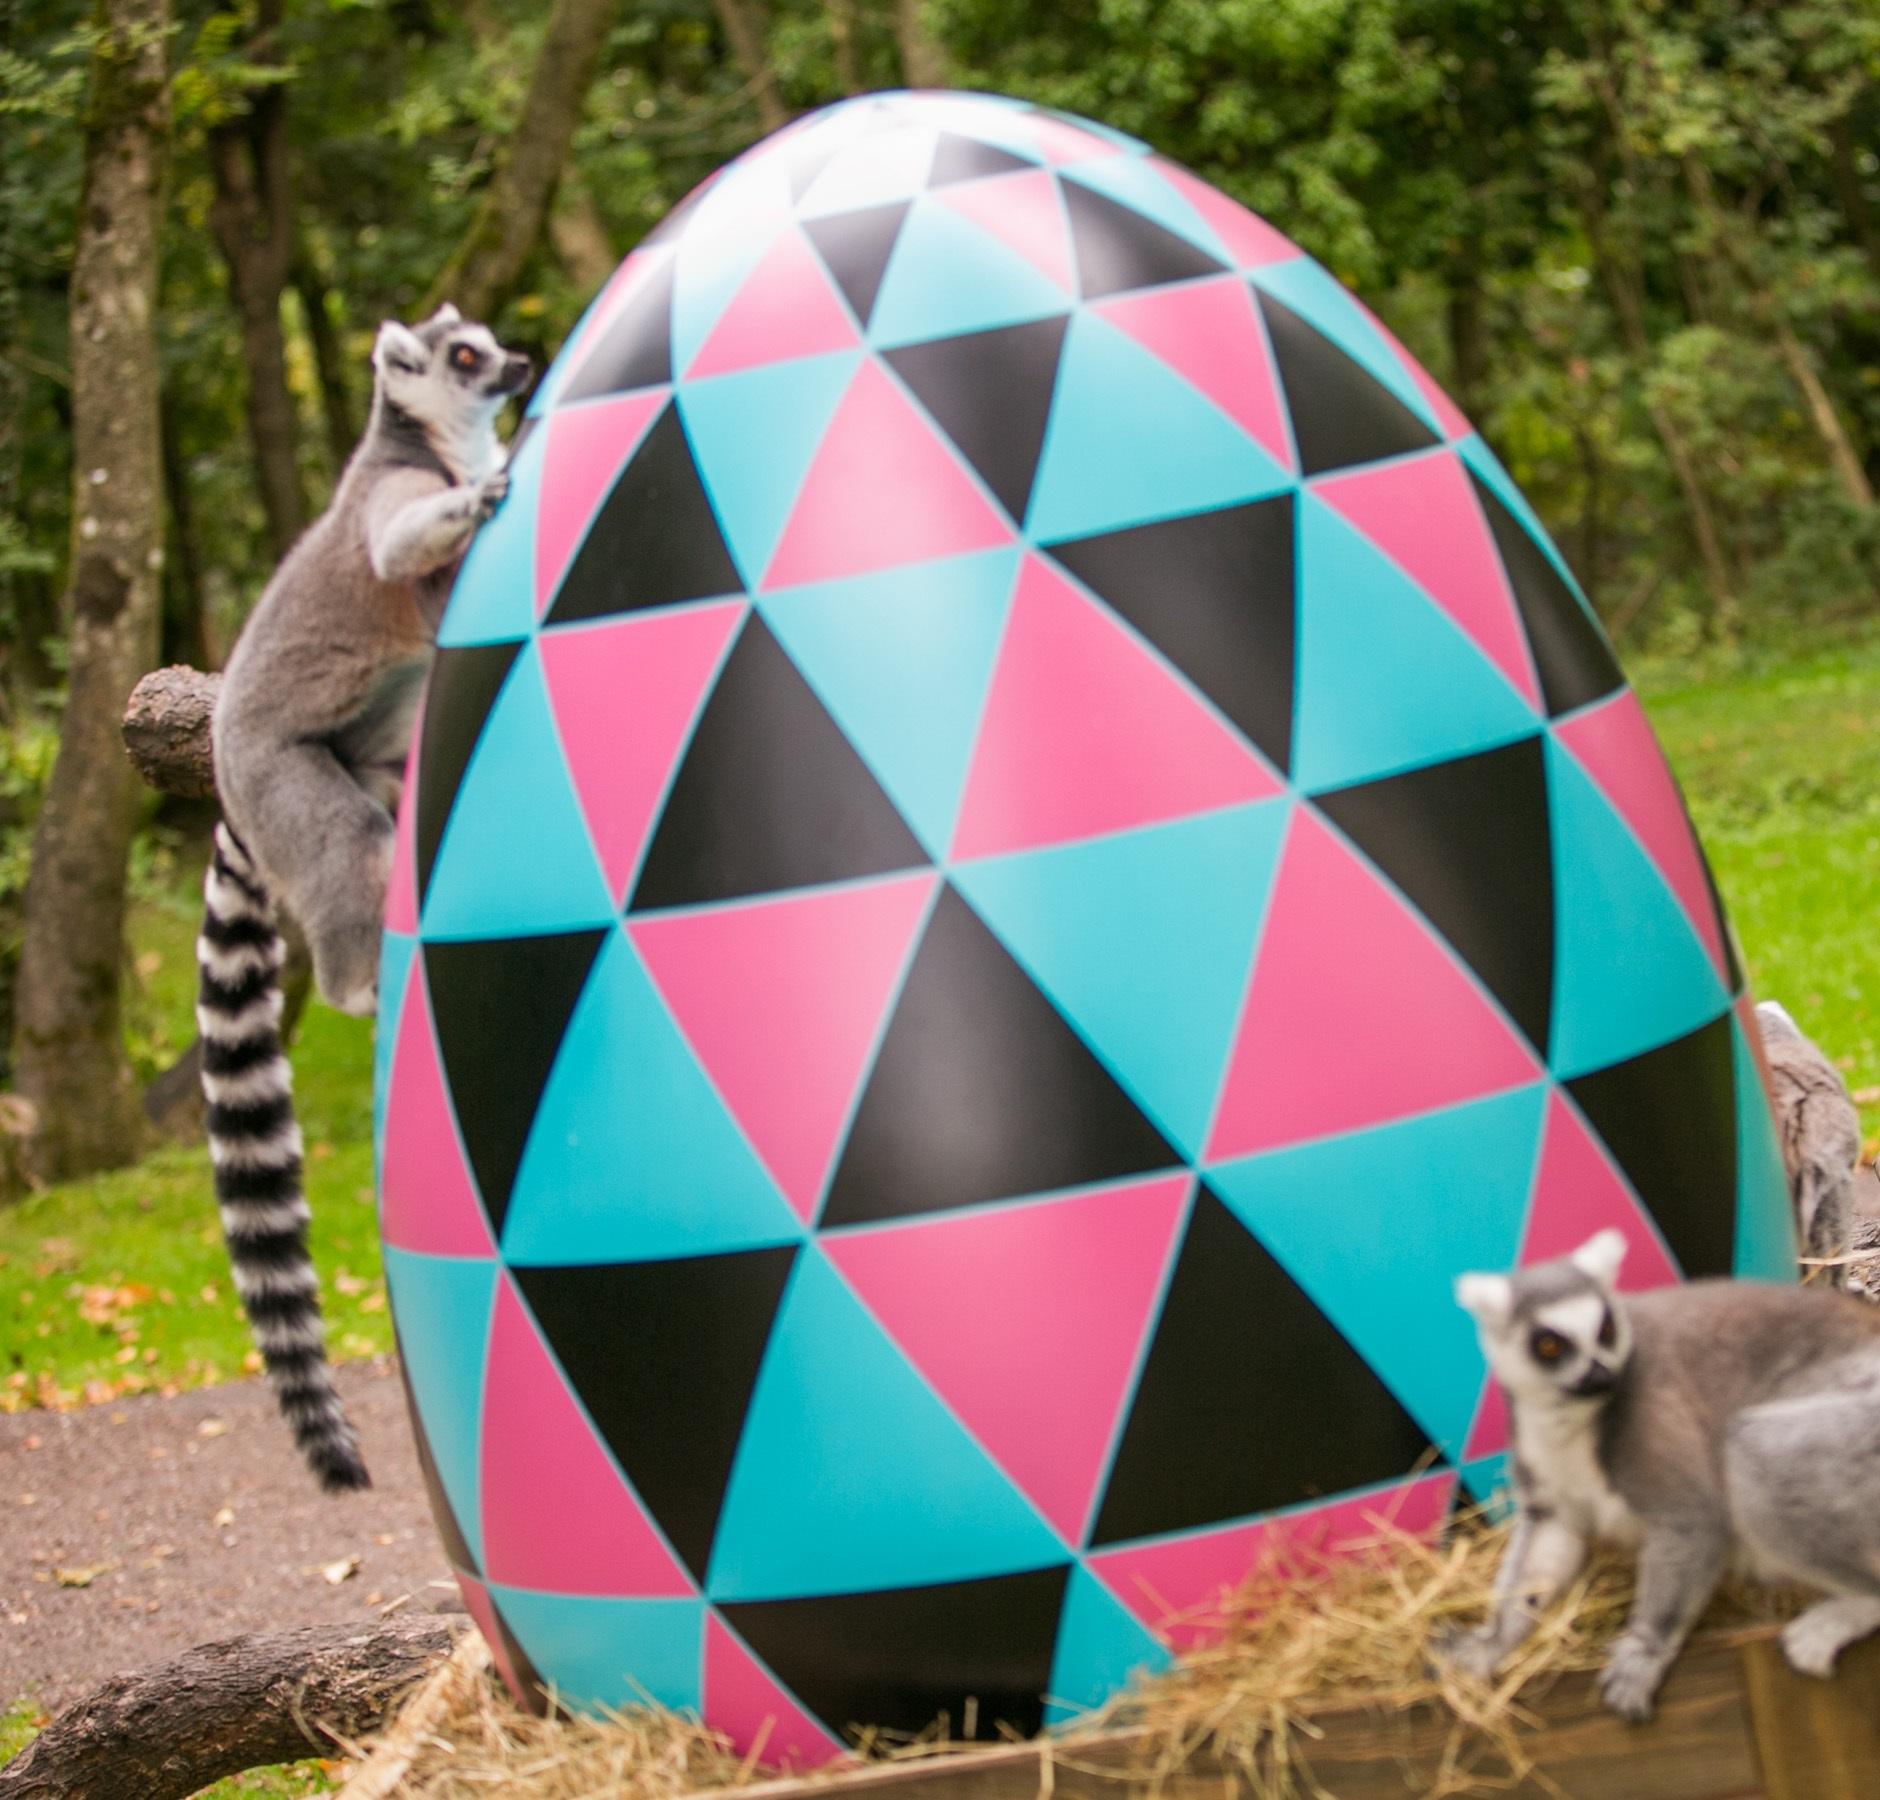 File:Egg.jpeg